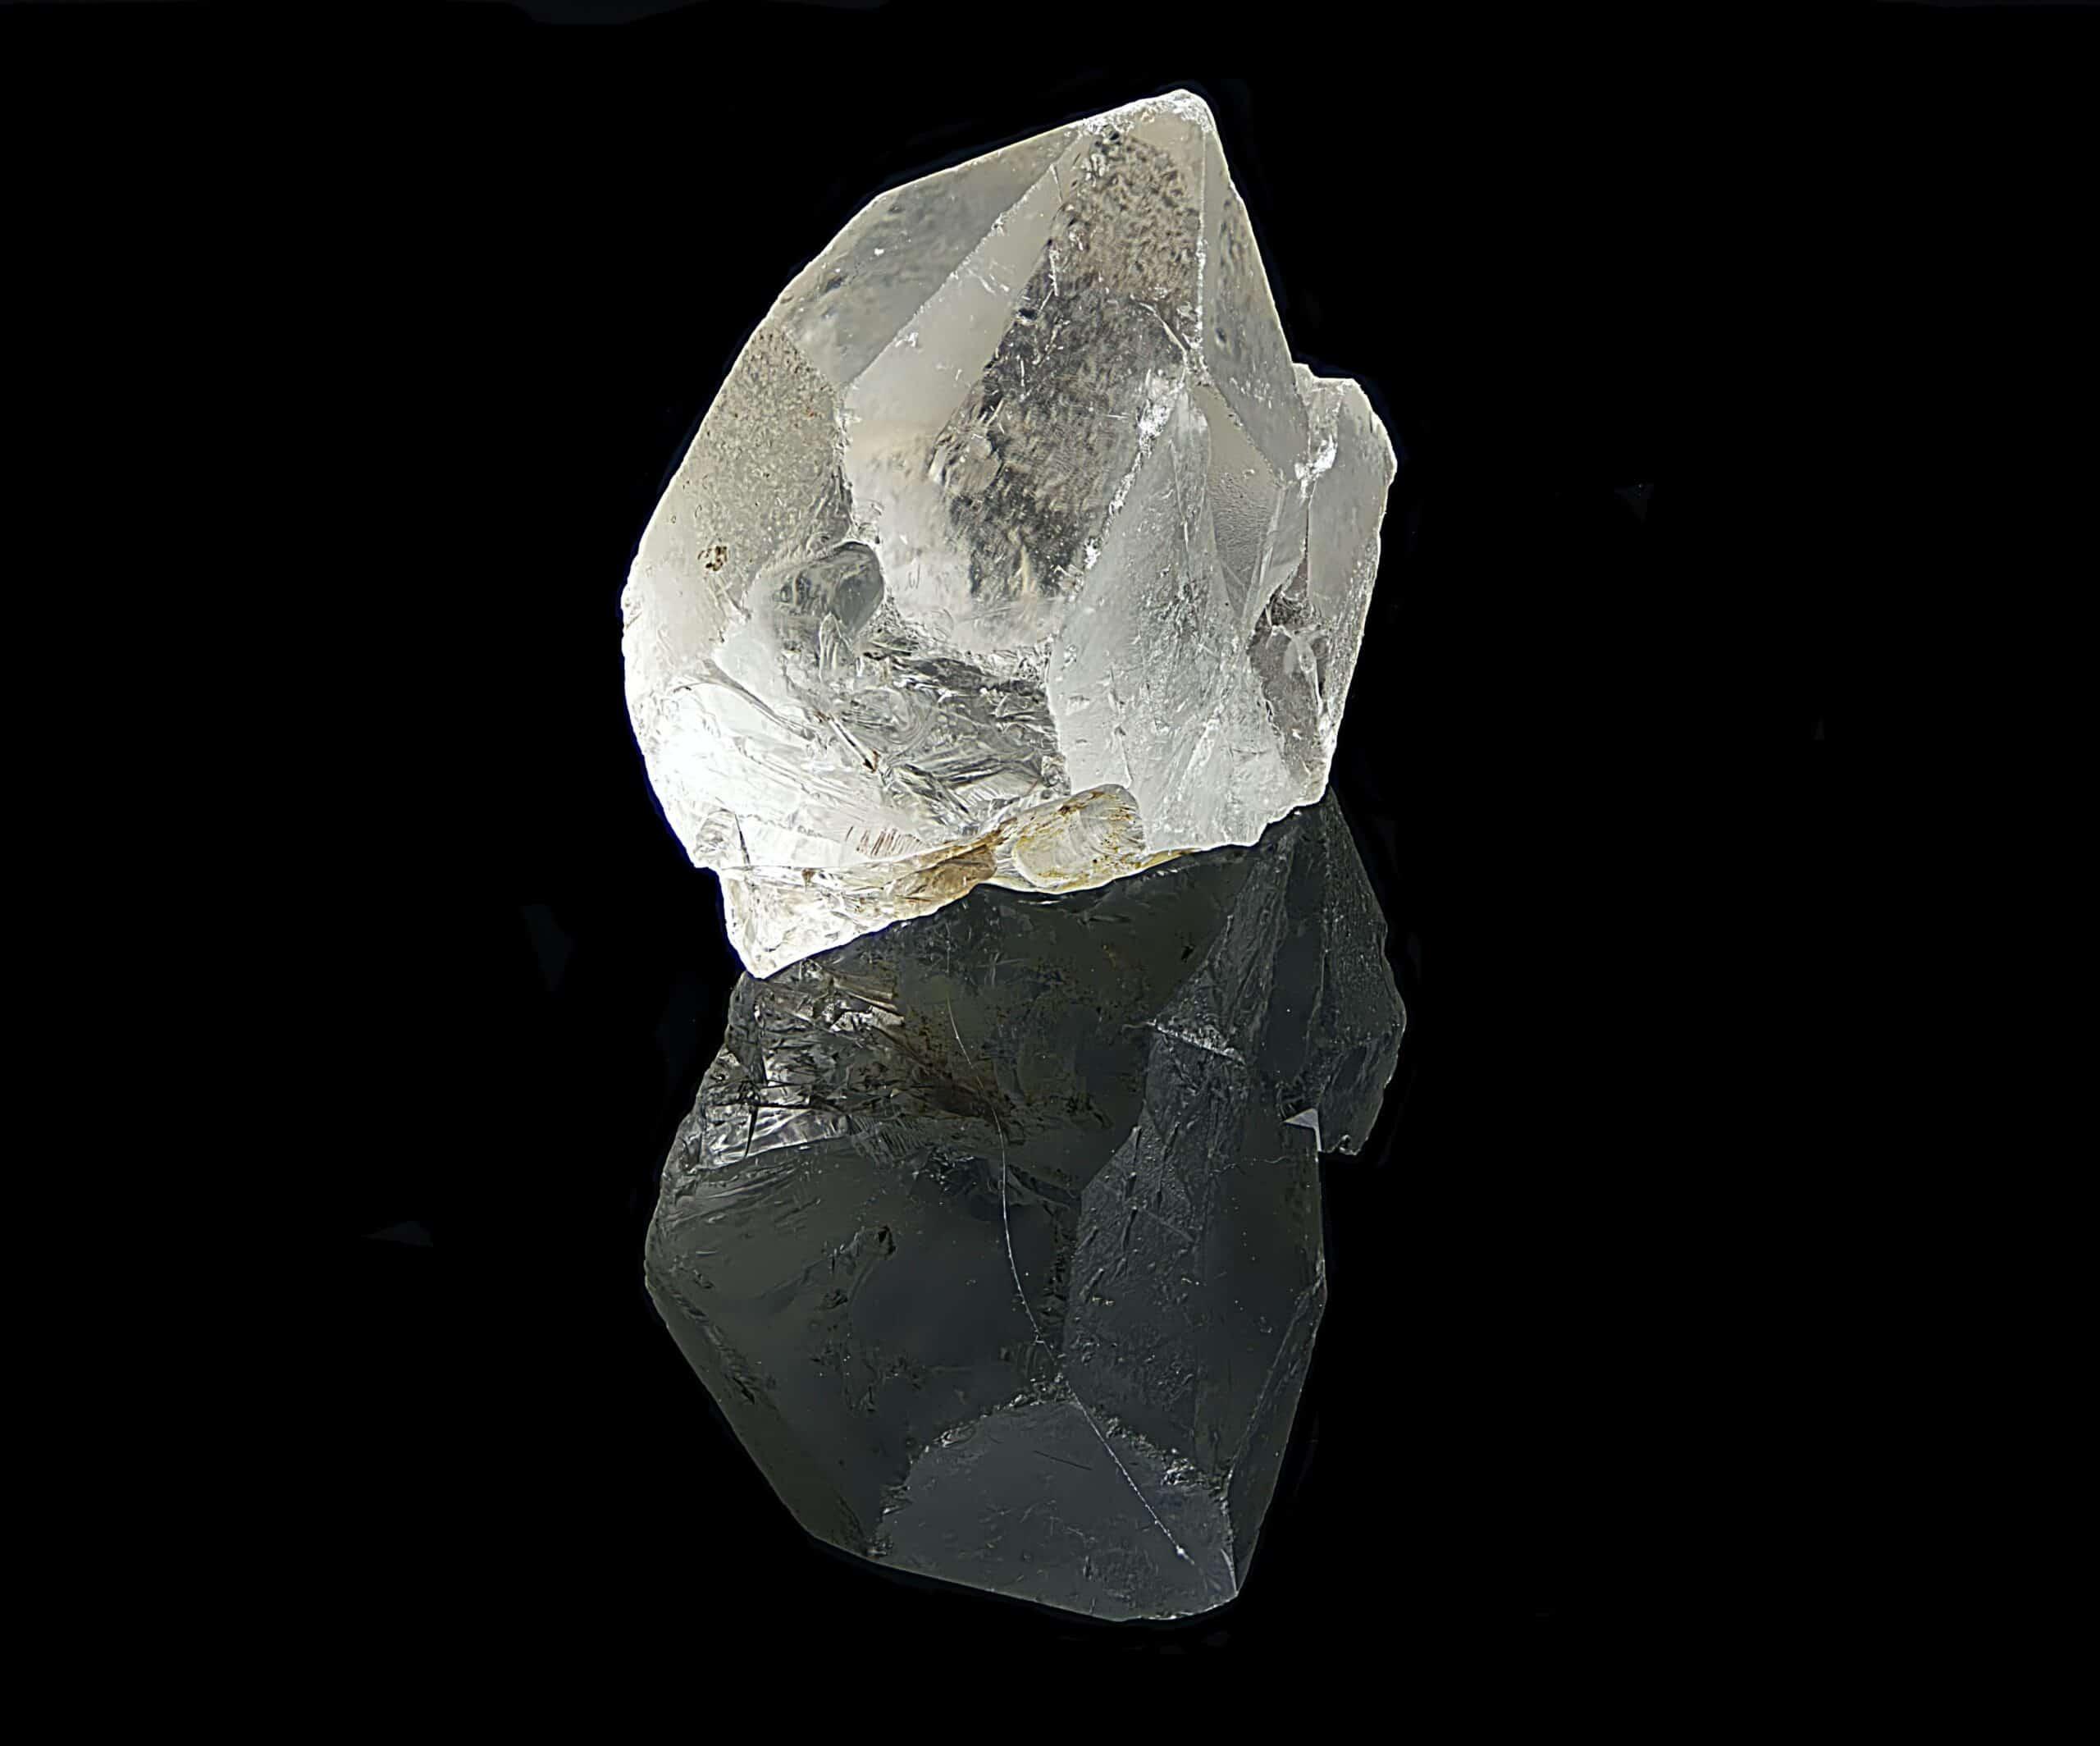 יהלום מעבדה (יהלום מלאכותי) נוצר בתנאים המחקים את התנאים בטבע (בתמונה יהלום גולמי)